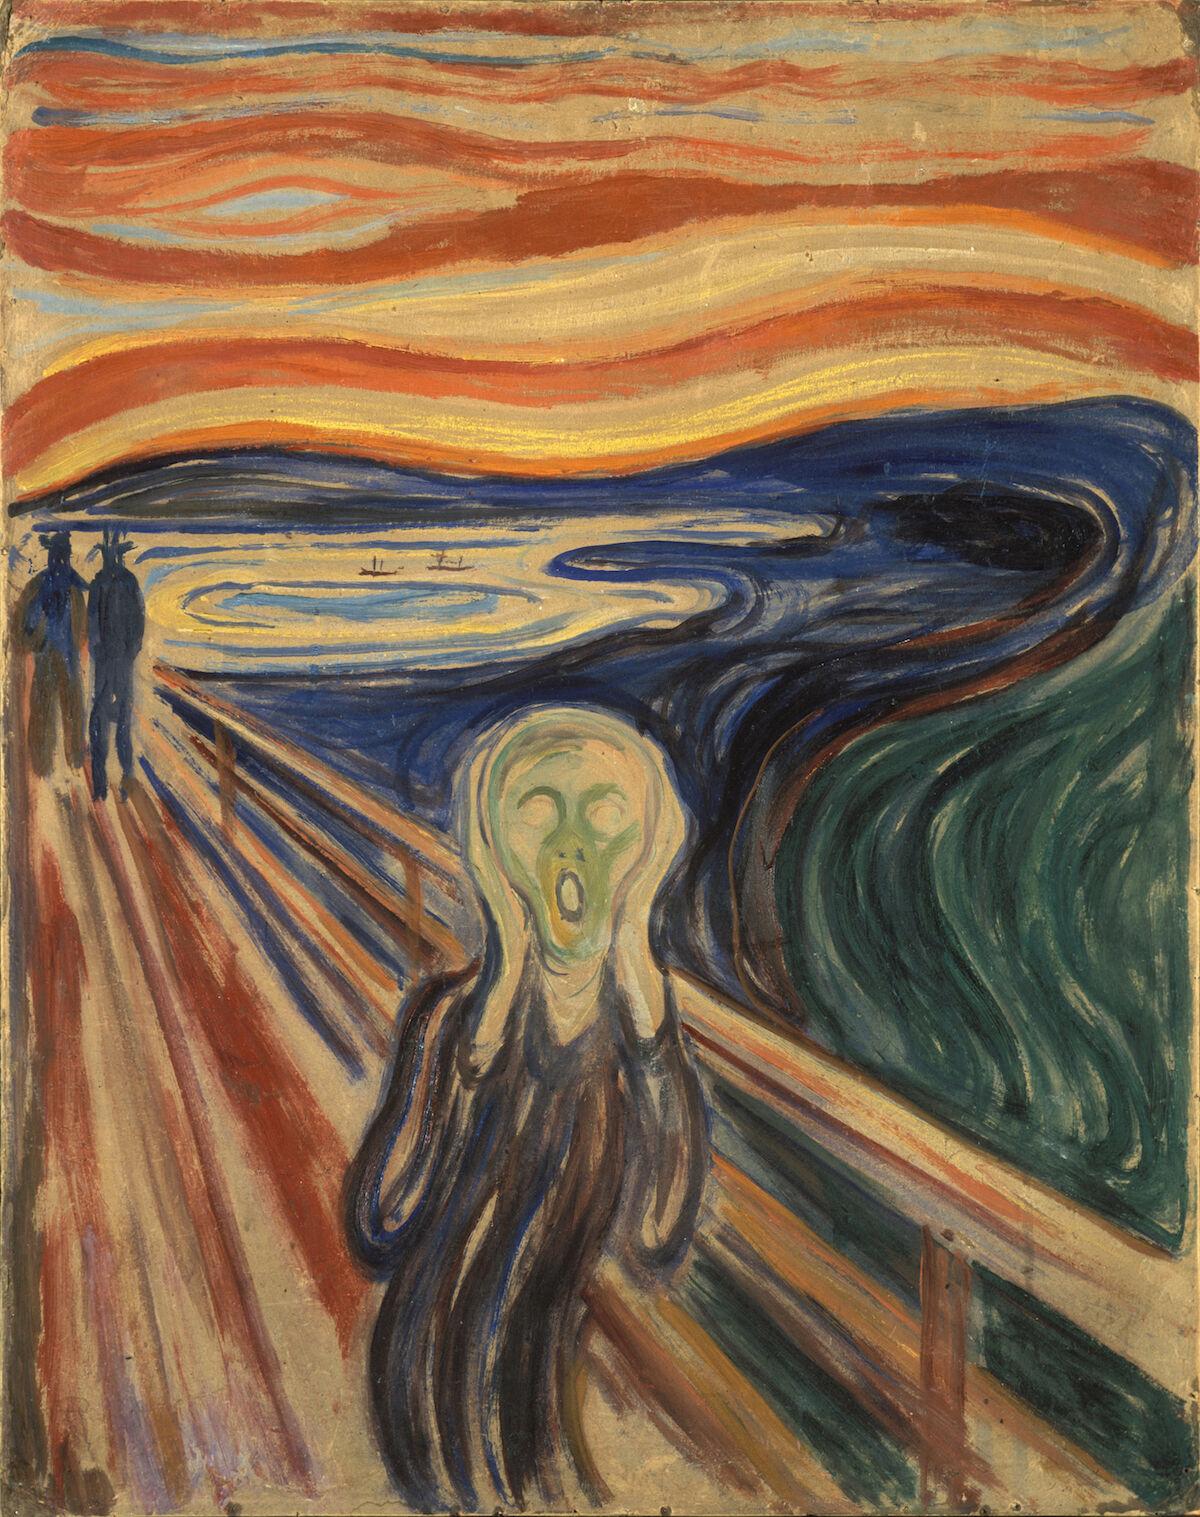 Edvard Munch, The Scream, 1910. The Munch Museum, Oslo, via Wikimedia Commons.